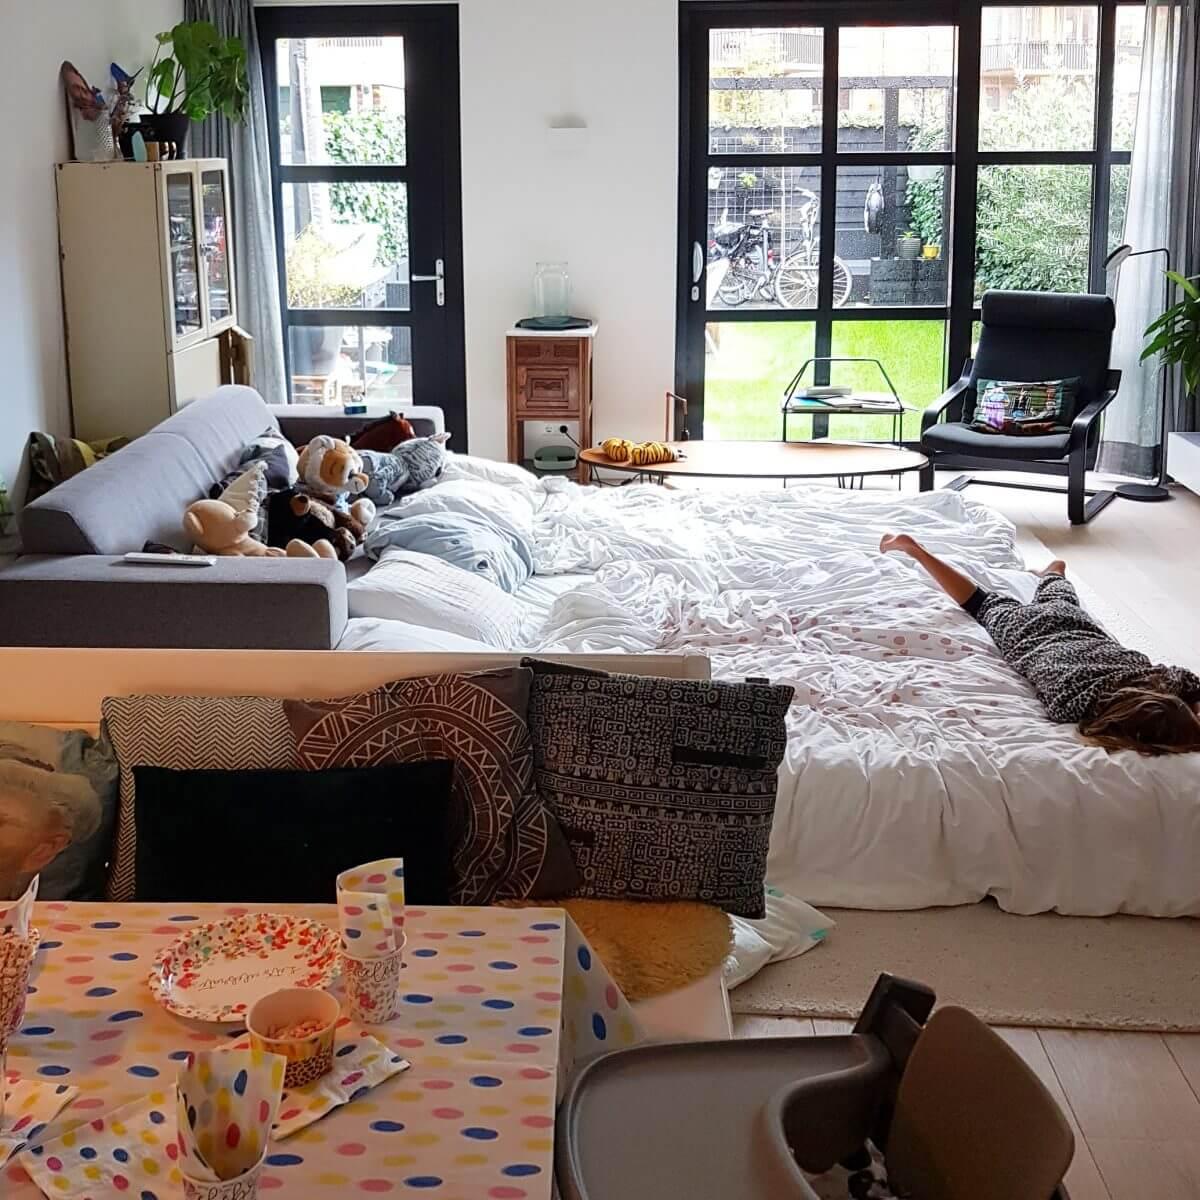 lekker slapen op het grote bed